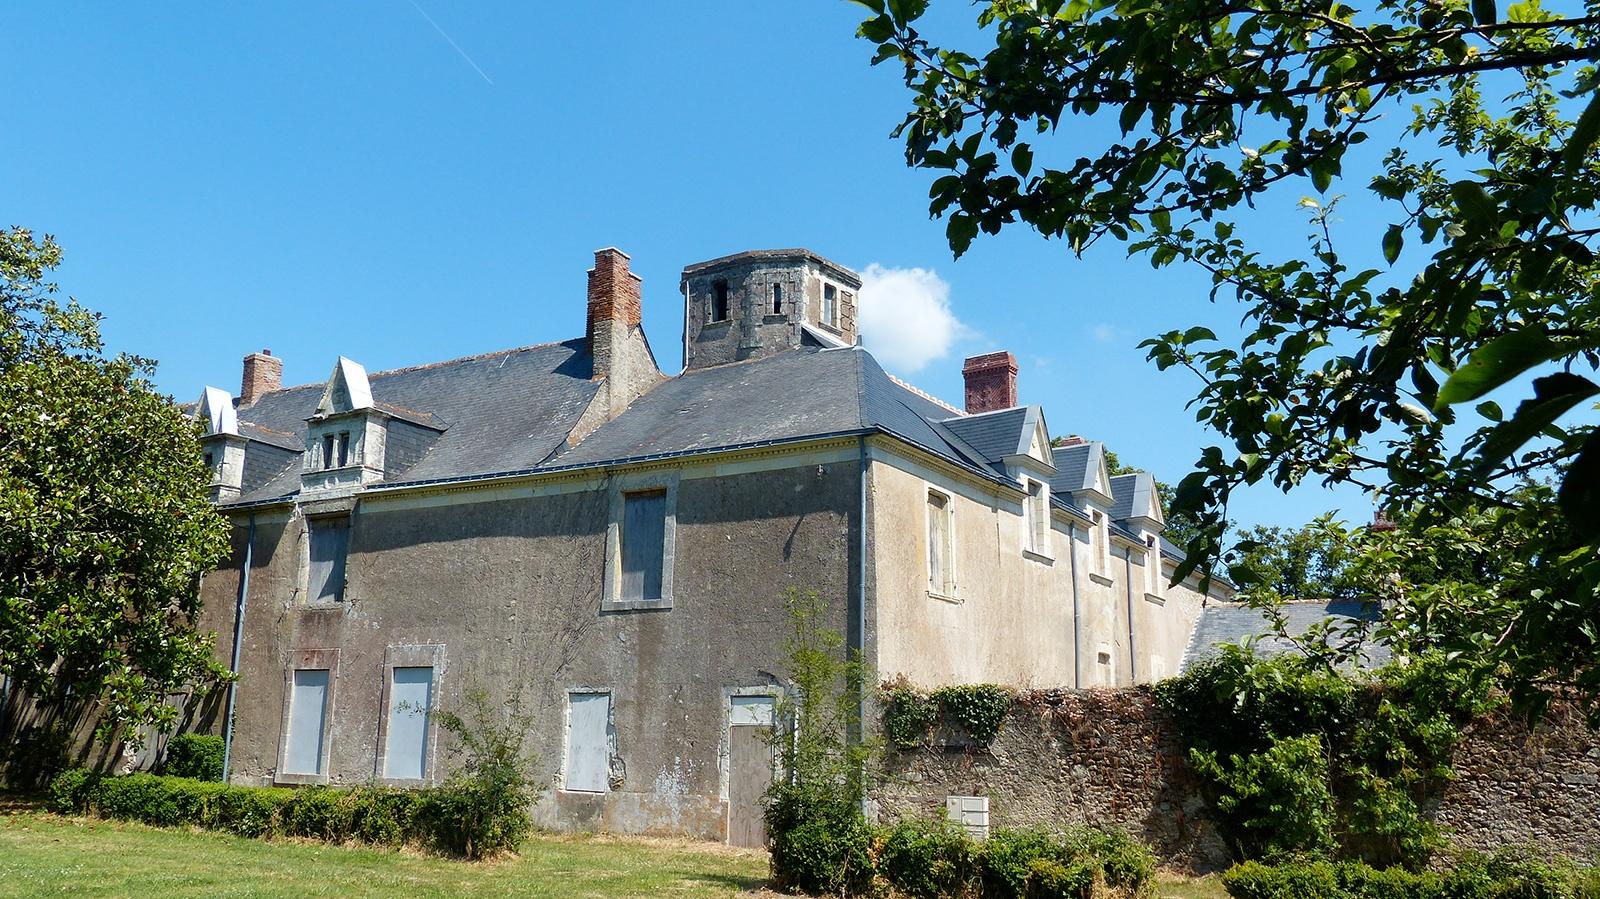 architecture-arpe-association-renaissance-patrimoine-escurays-chateau-prinquiau-loire-atlantique-17